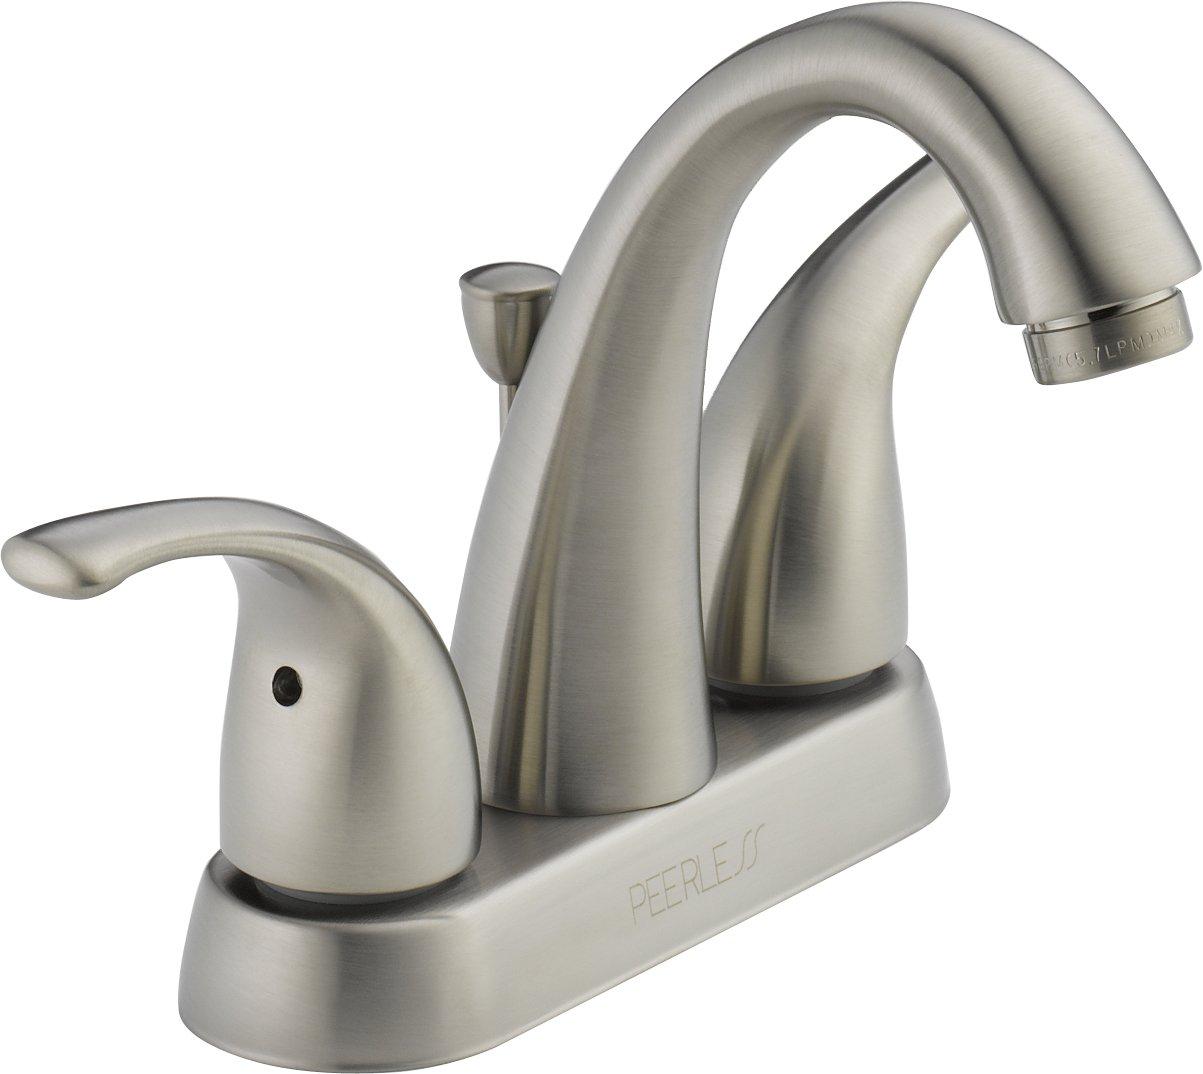 Peerless P299695LF-BN Apex Two Handle Bathroom Faucet, Brushed ...